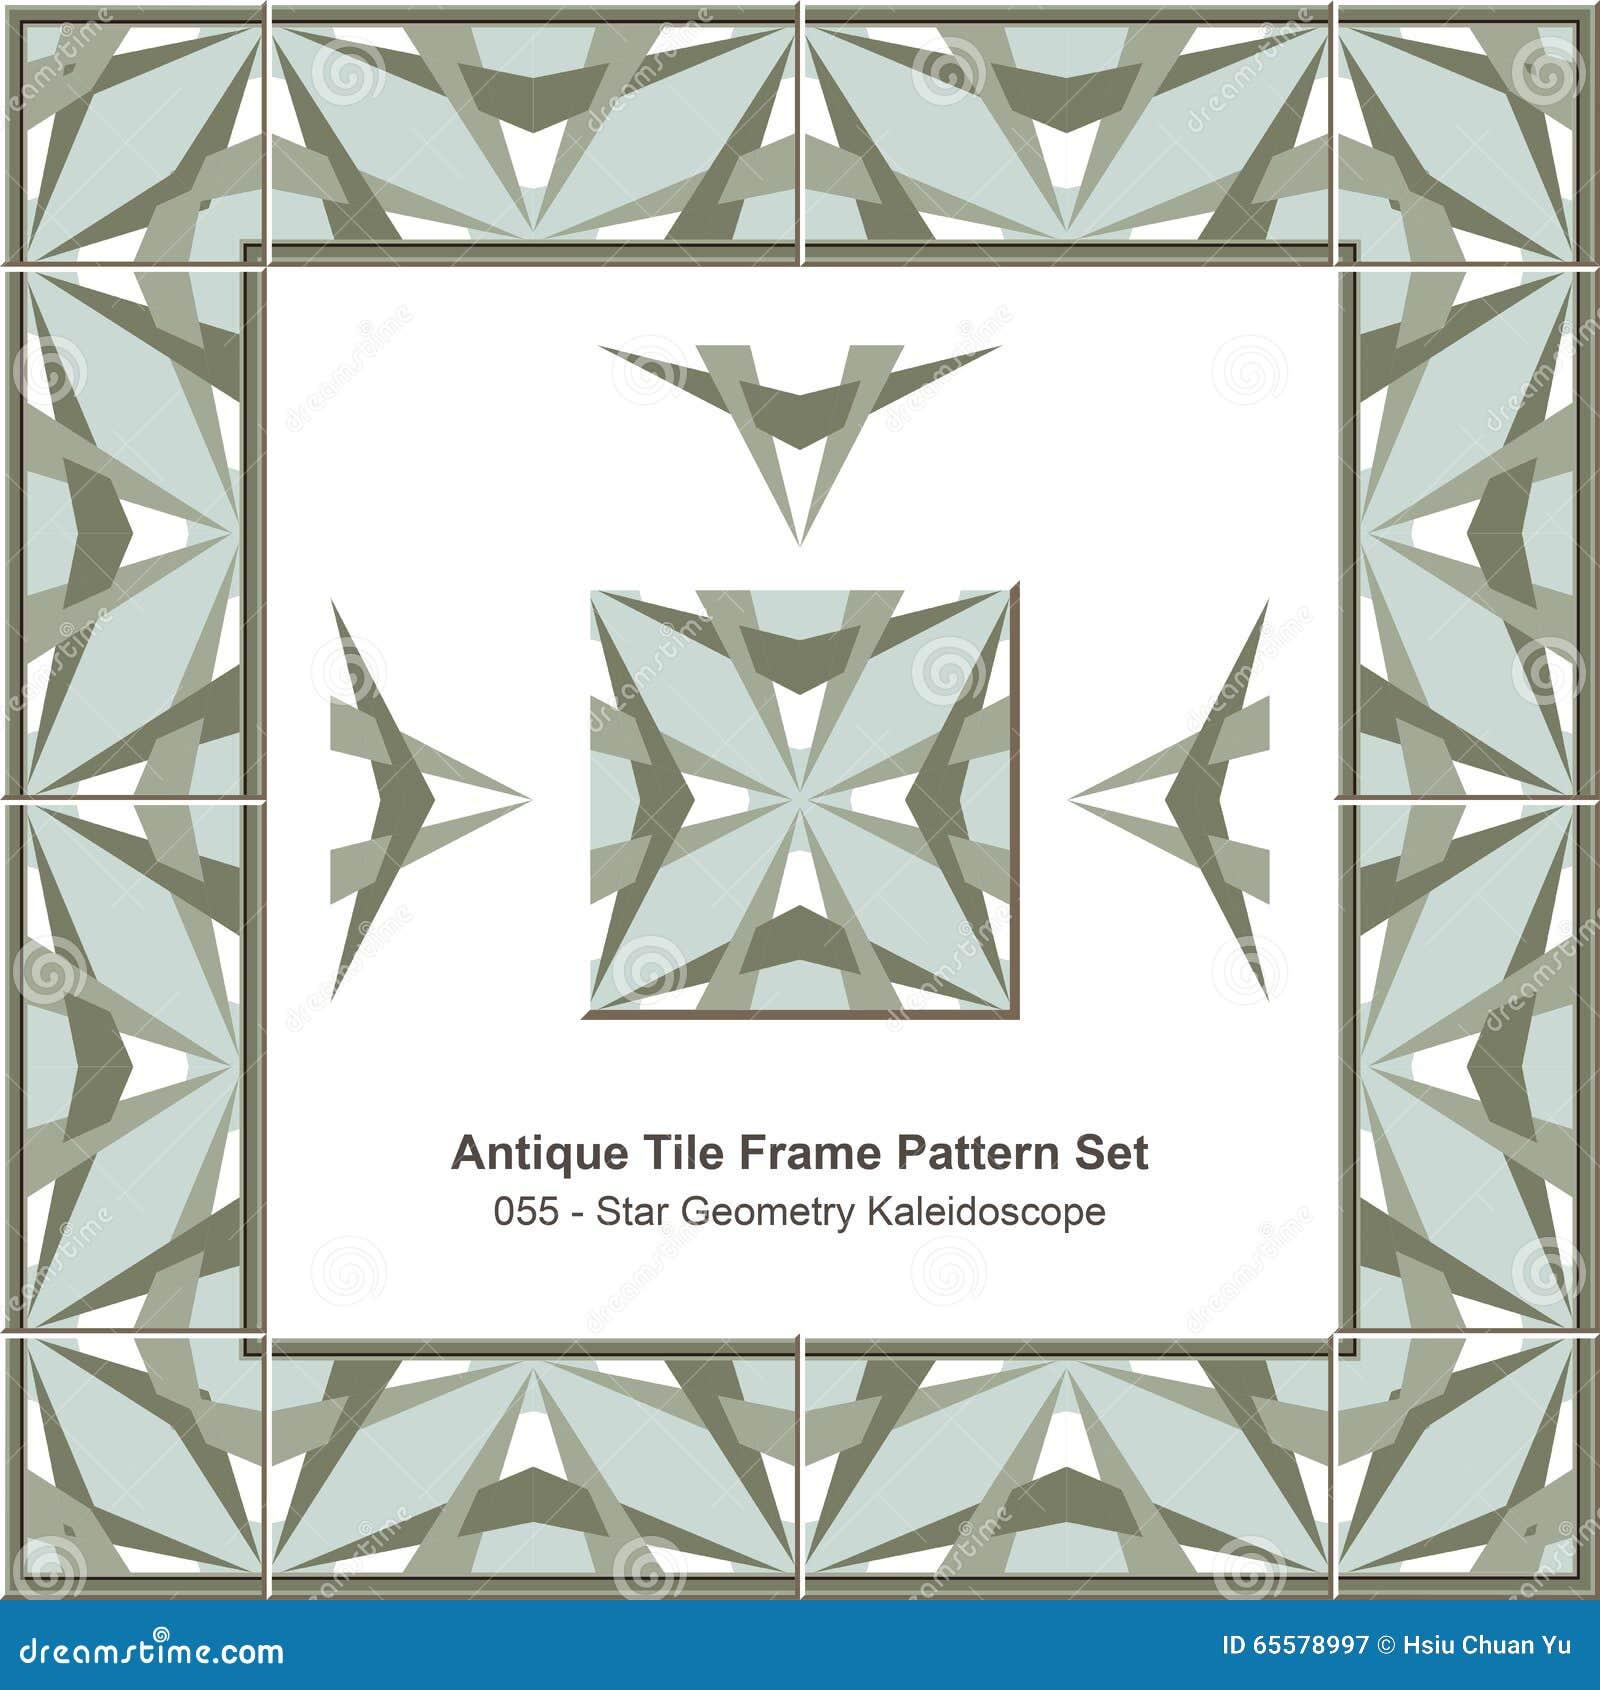 Caleidoscópio antigo da geometria da estrela do teste padrão set_055 do quadro da telha